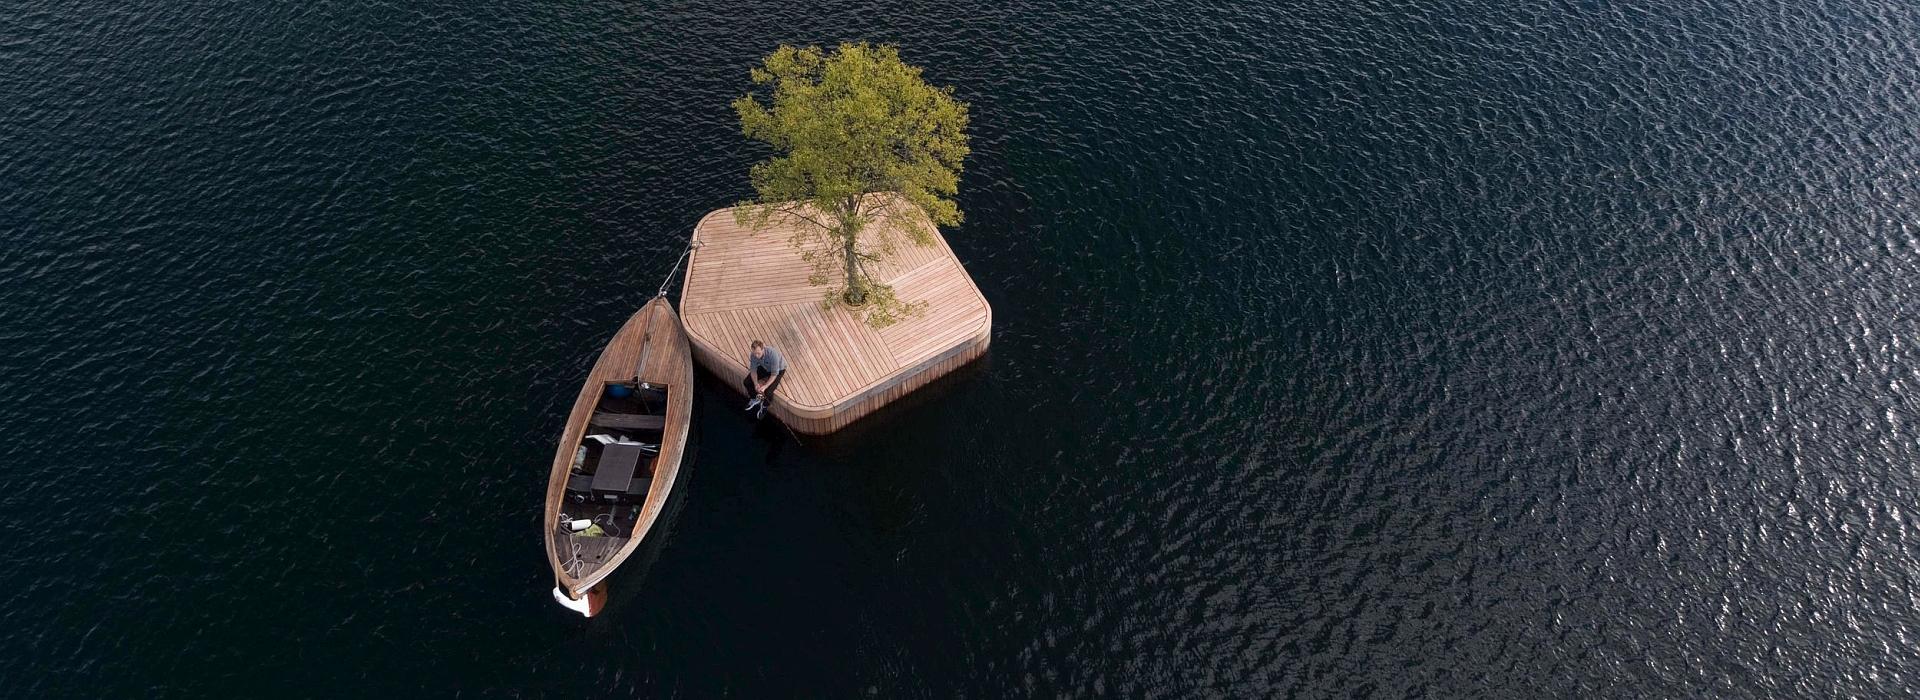 Új szigetek jelentek meg